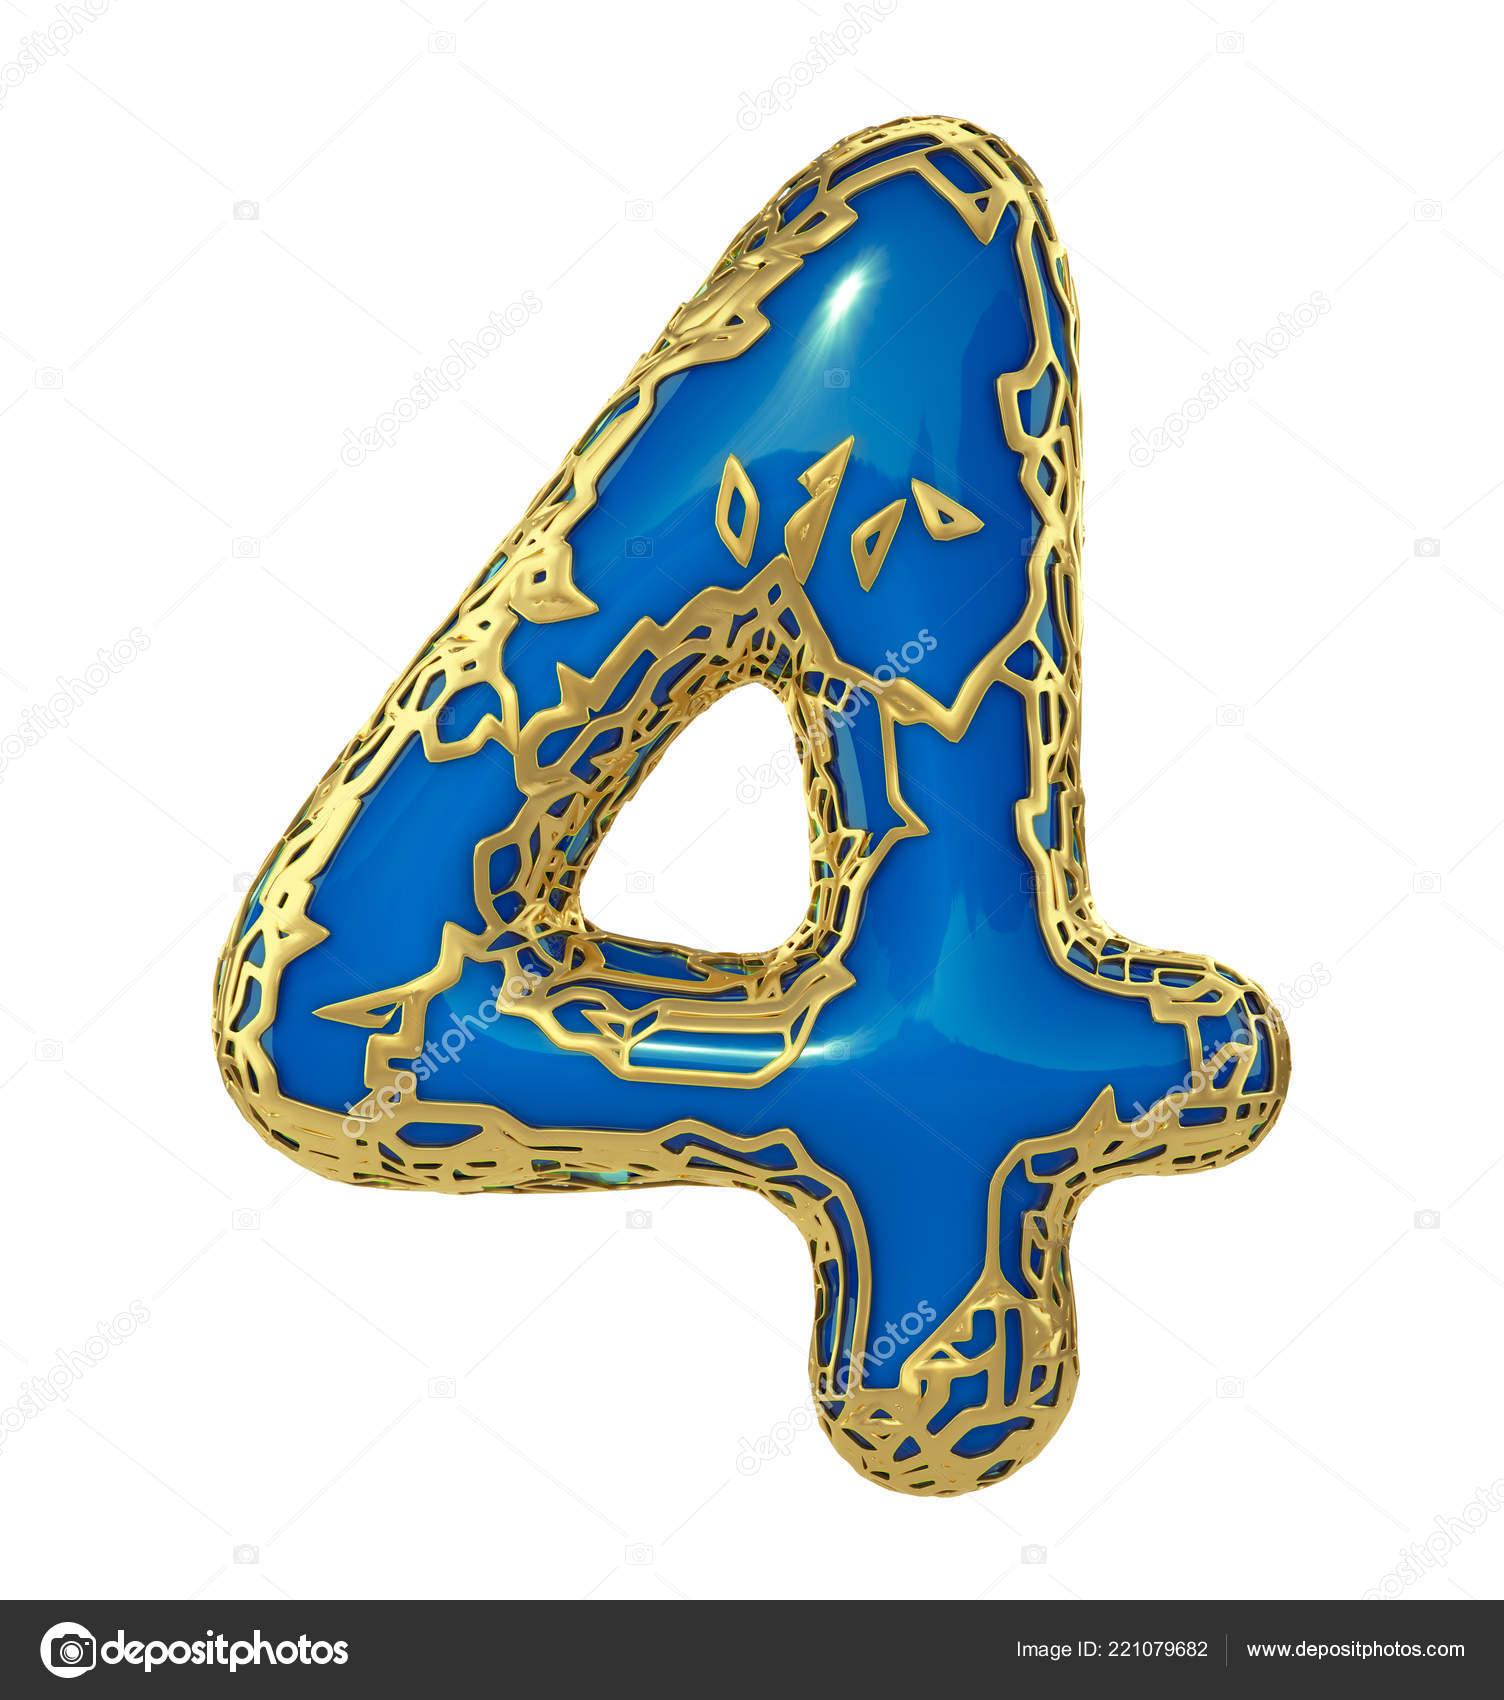 Metalik Yapılan Beyaz 3d Izole Mavi Boya Ile Altın Parlayan Sayı